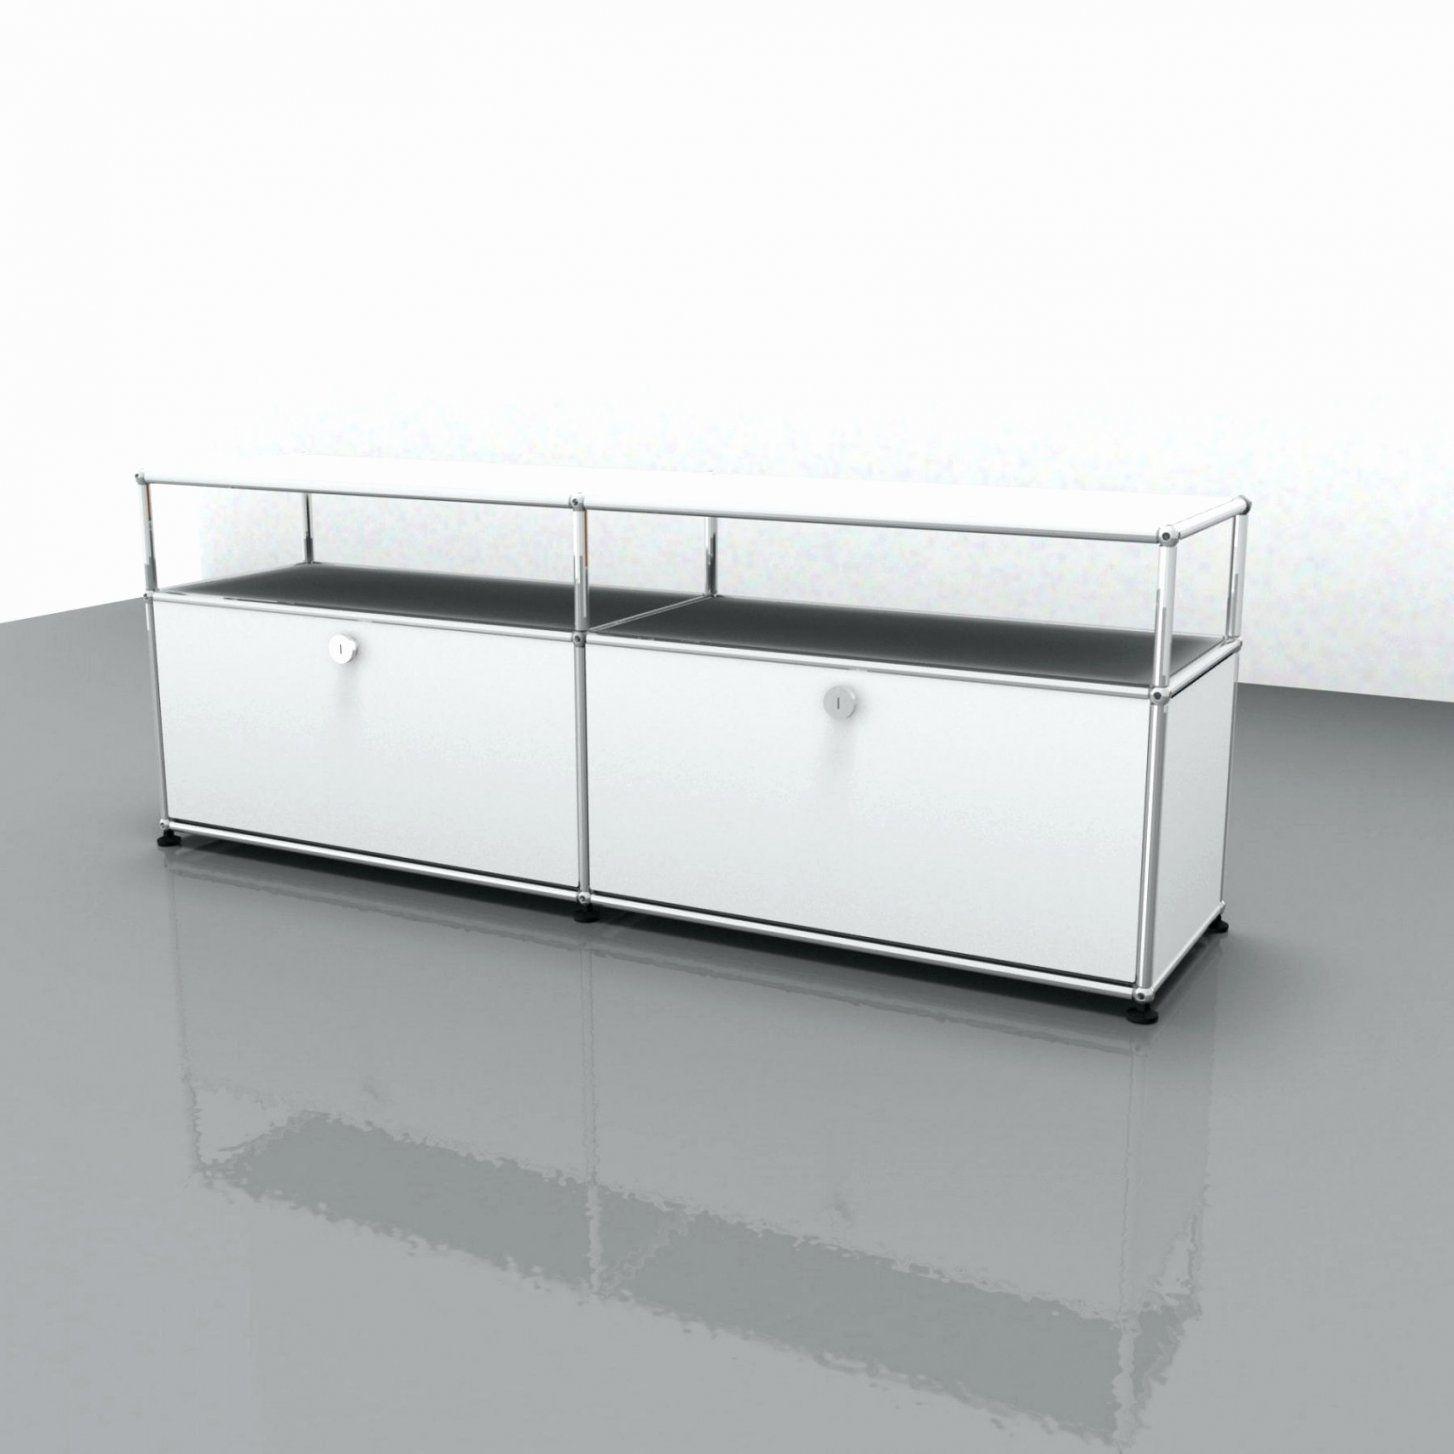 Usm Haller Gebraucht Kaufen Einzigartig Jahrgang Mobel Dekore Von von Usm Haller Gebraucht Kaufen Bild